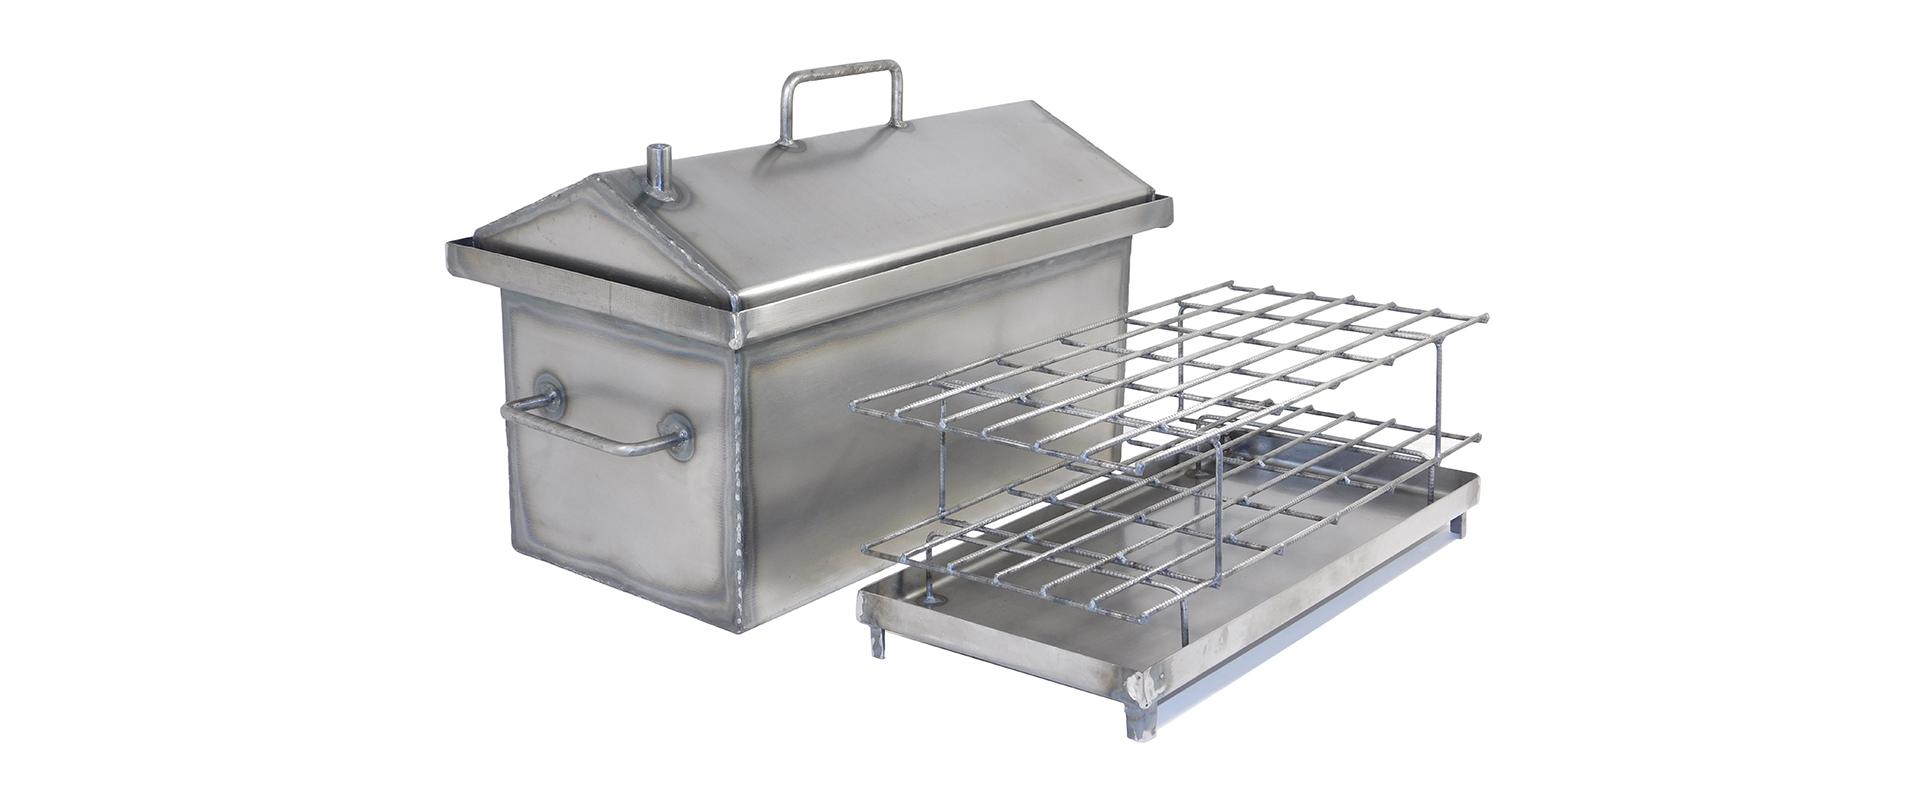 Коптильня горячего копчения — конструкции, варианты постройки, выбор материалов и инструментов